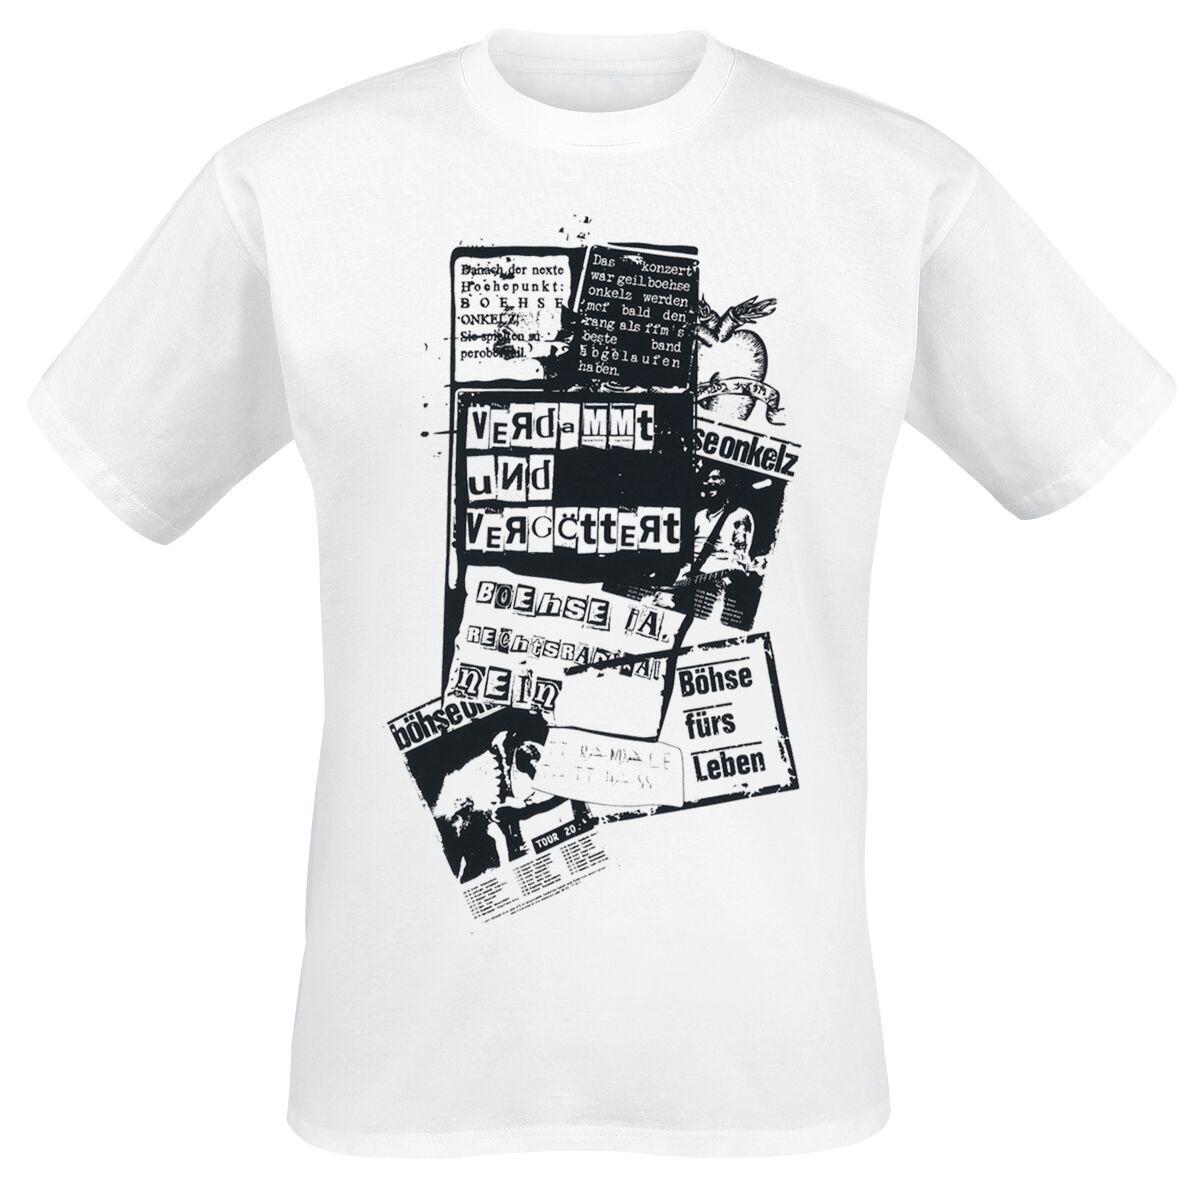 Böhse Fürs Leben Böhse Onkelz T Shirt Emp